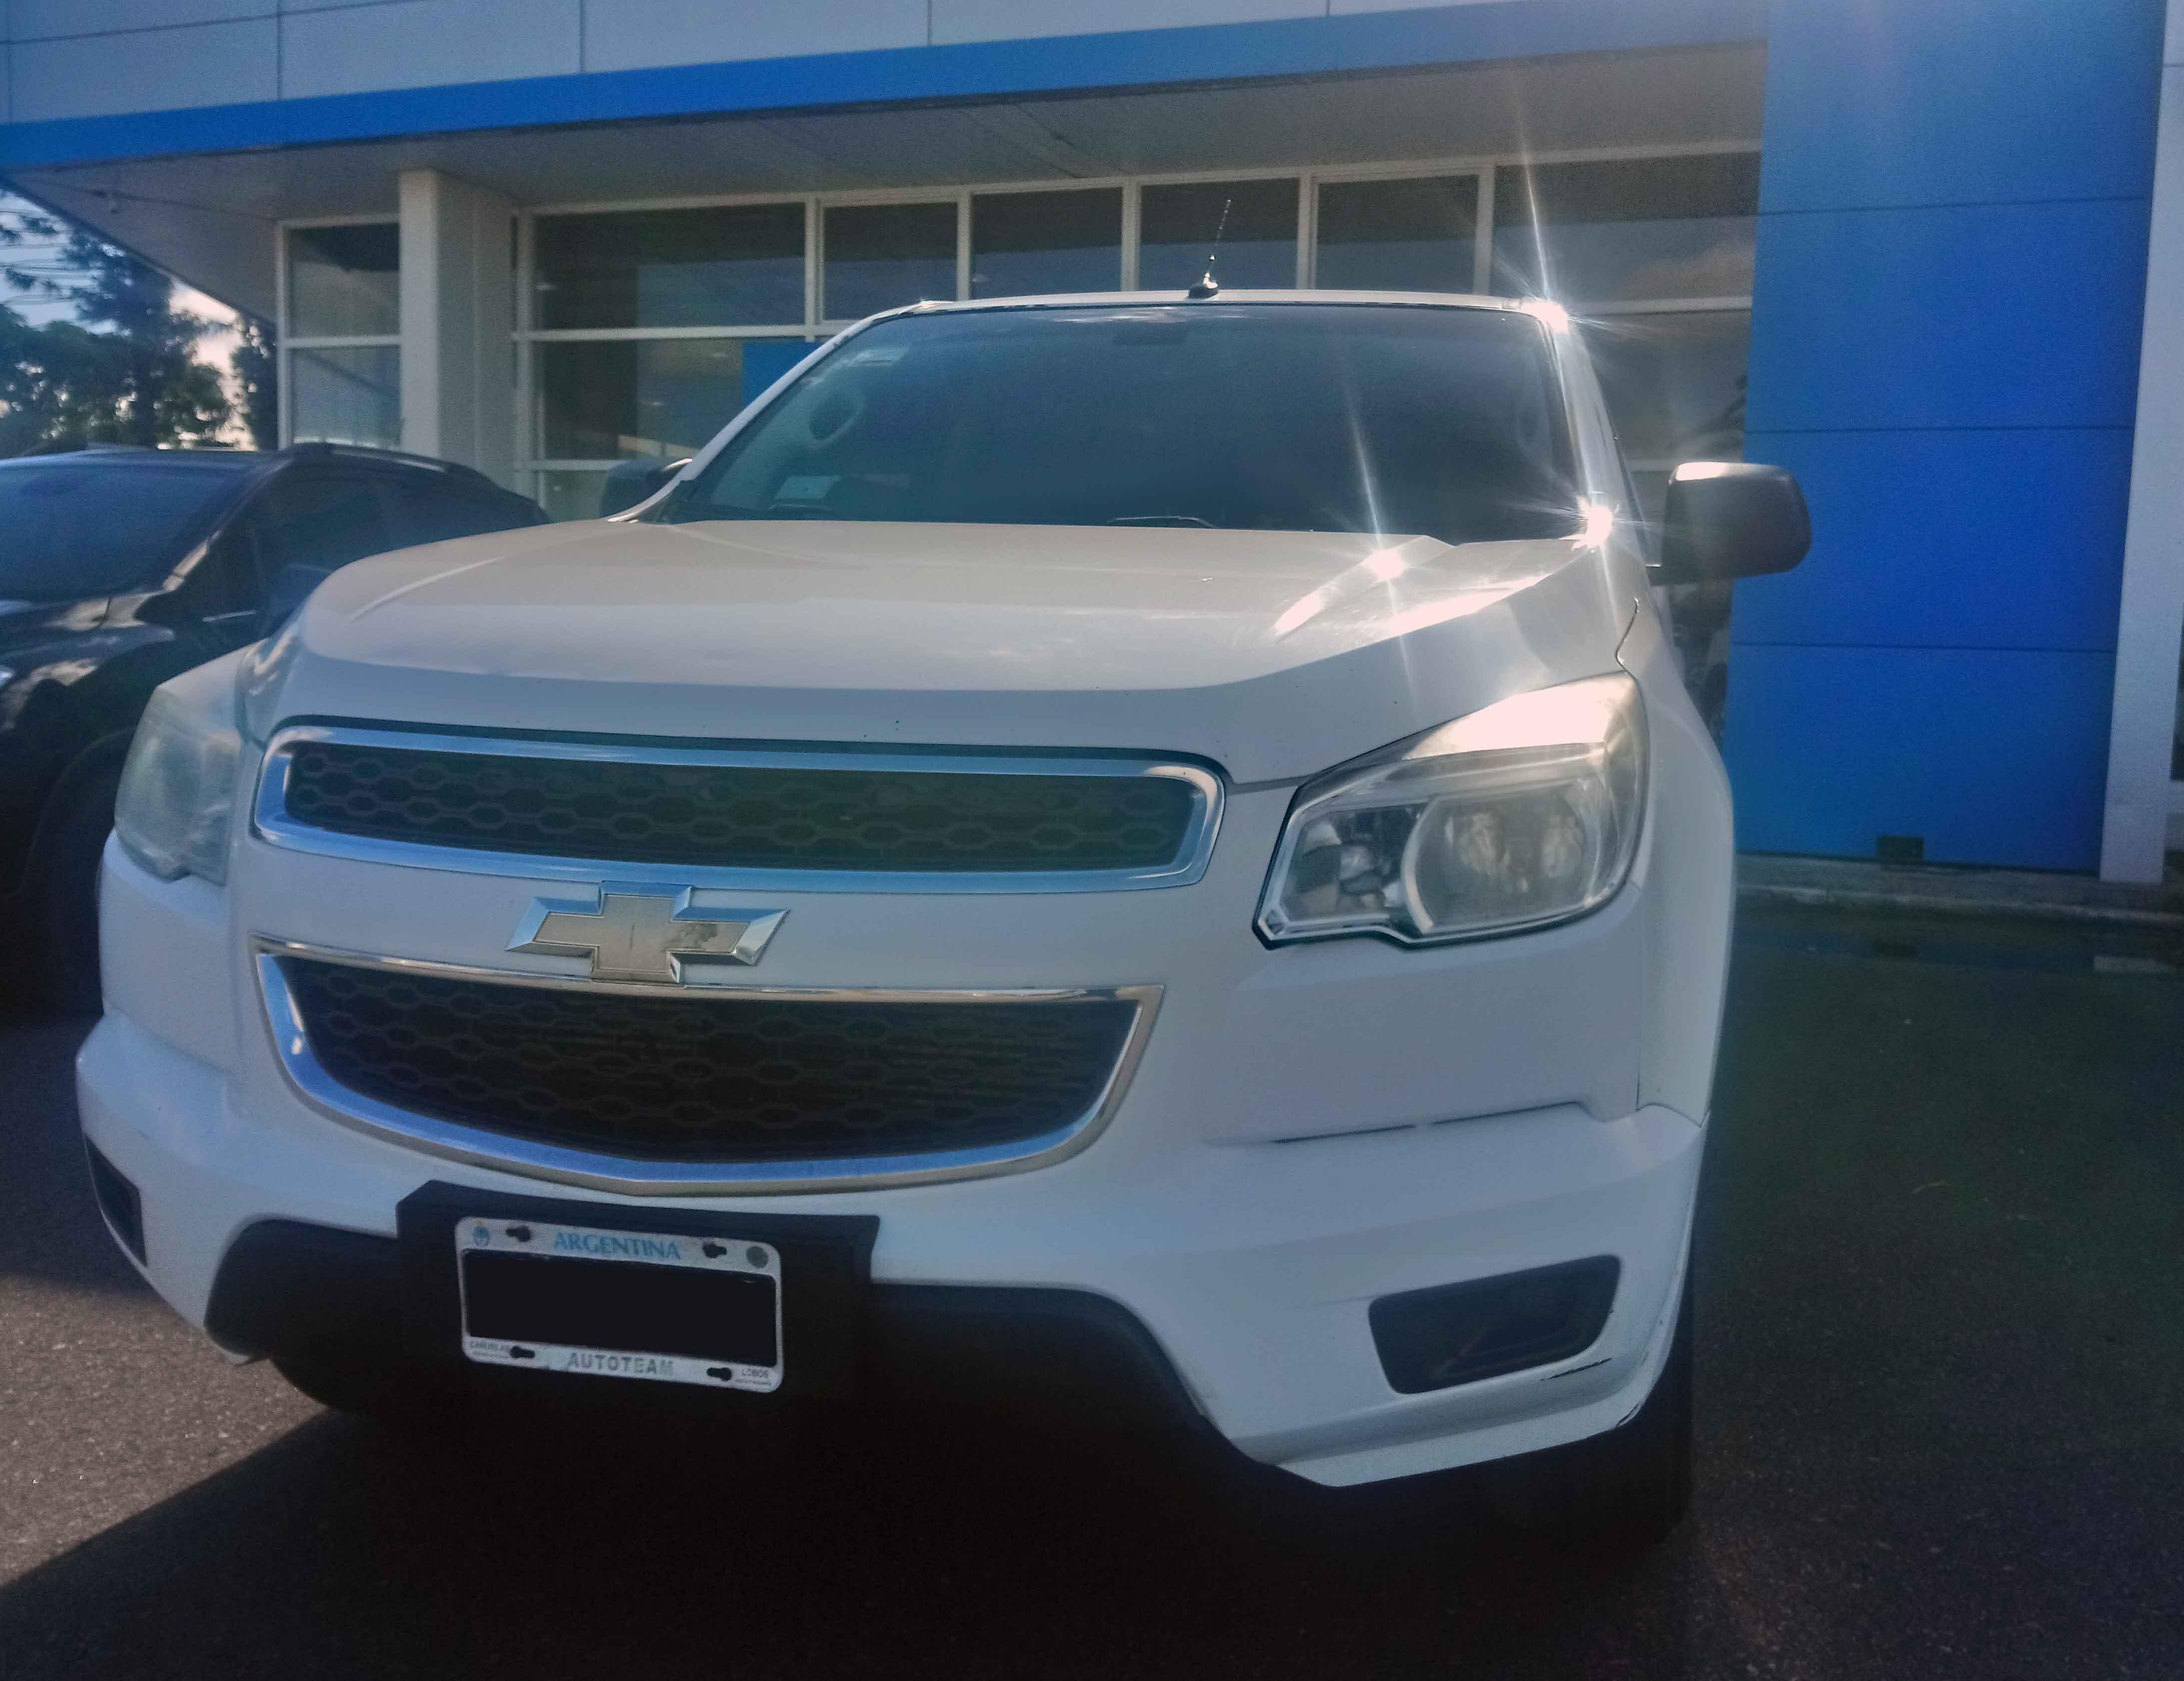 2014 Chevrolet S10 CC 4x2 LS 2.8L